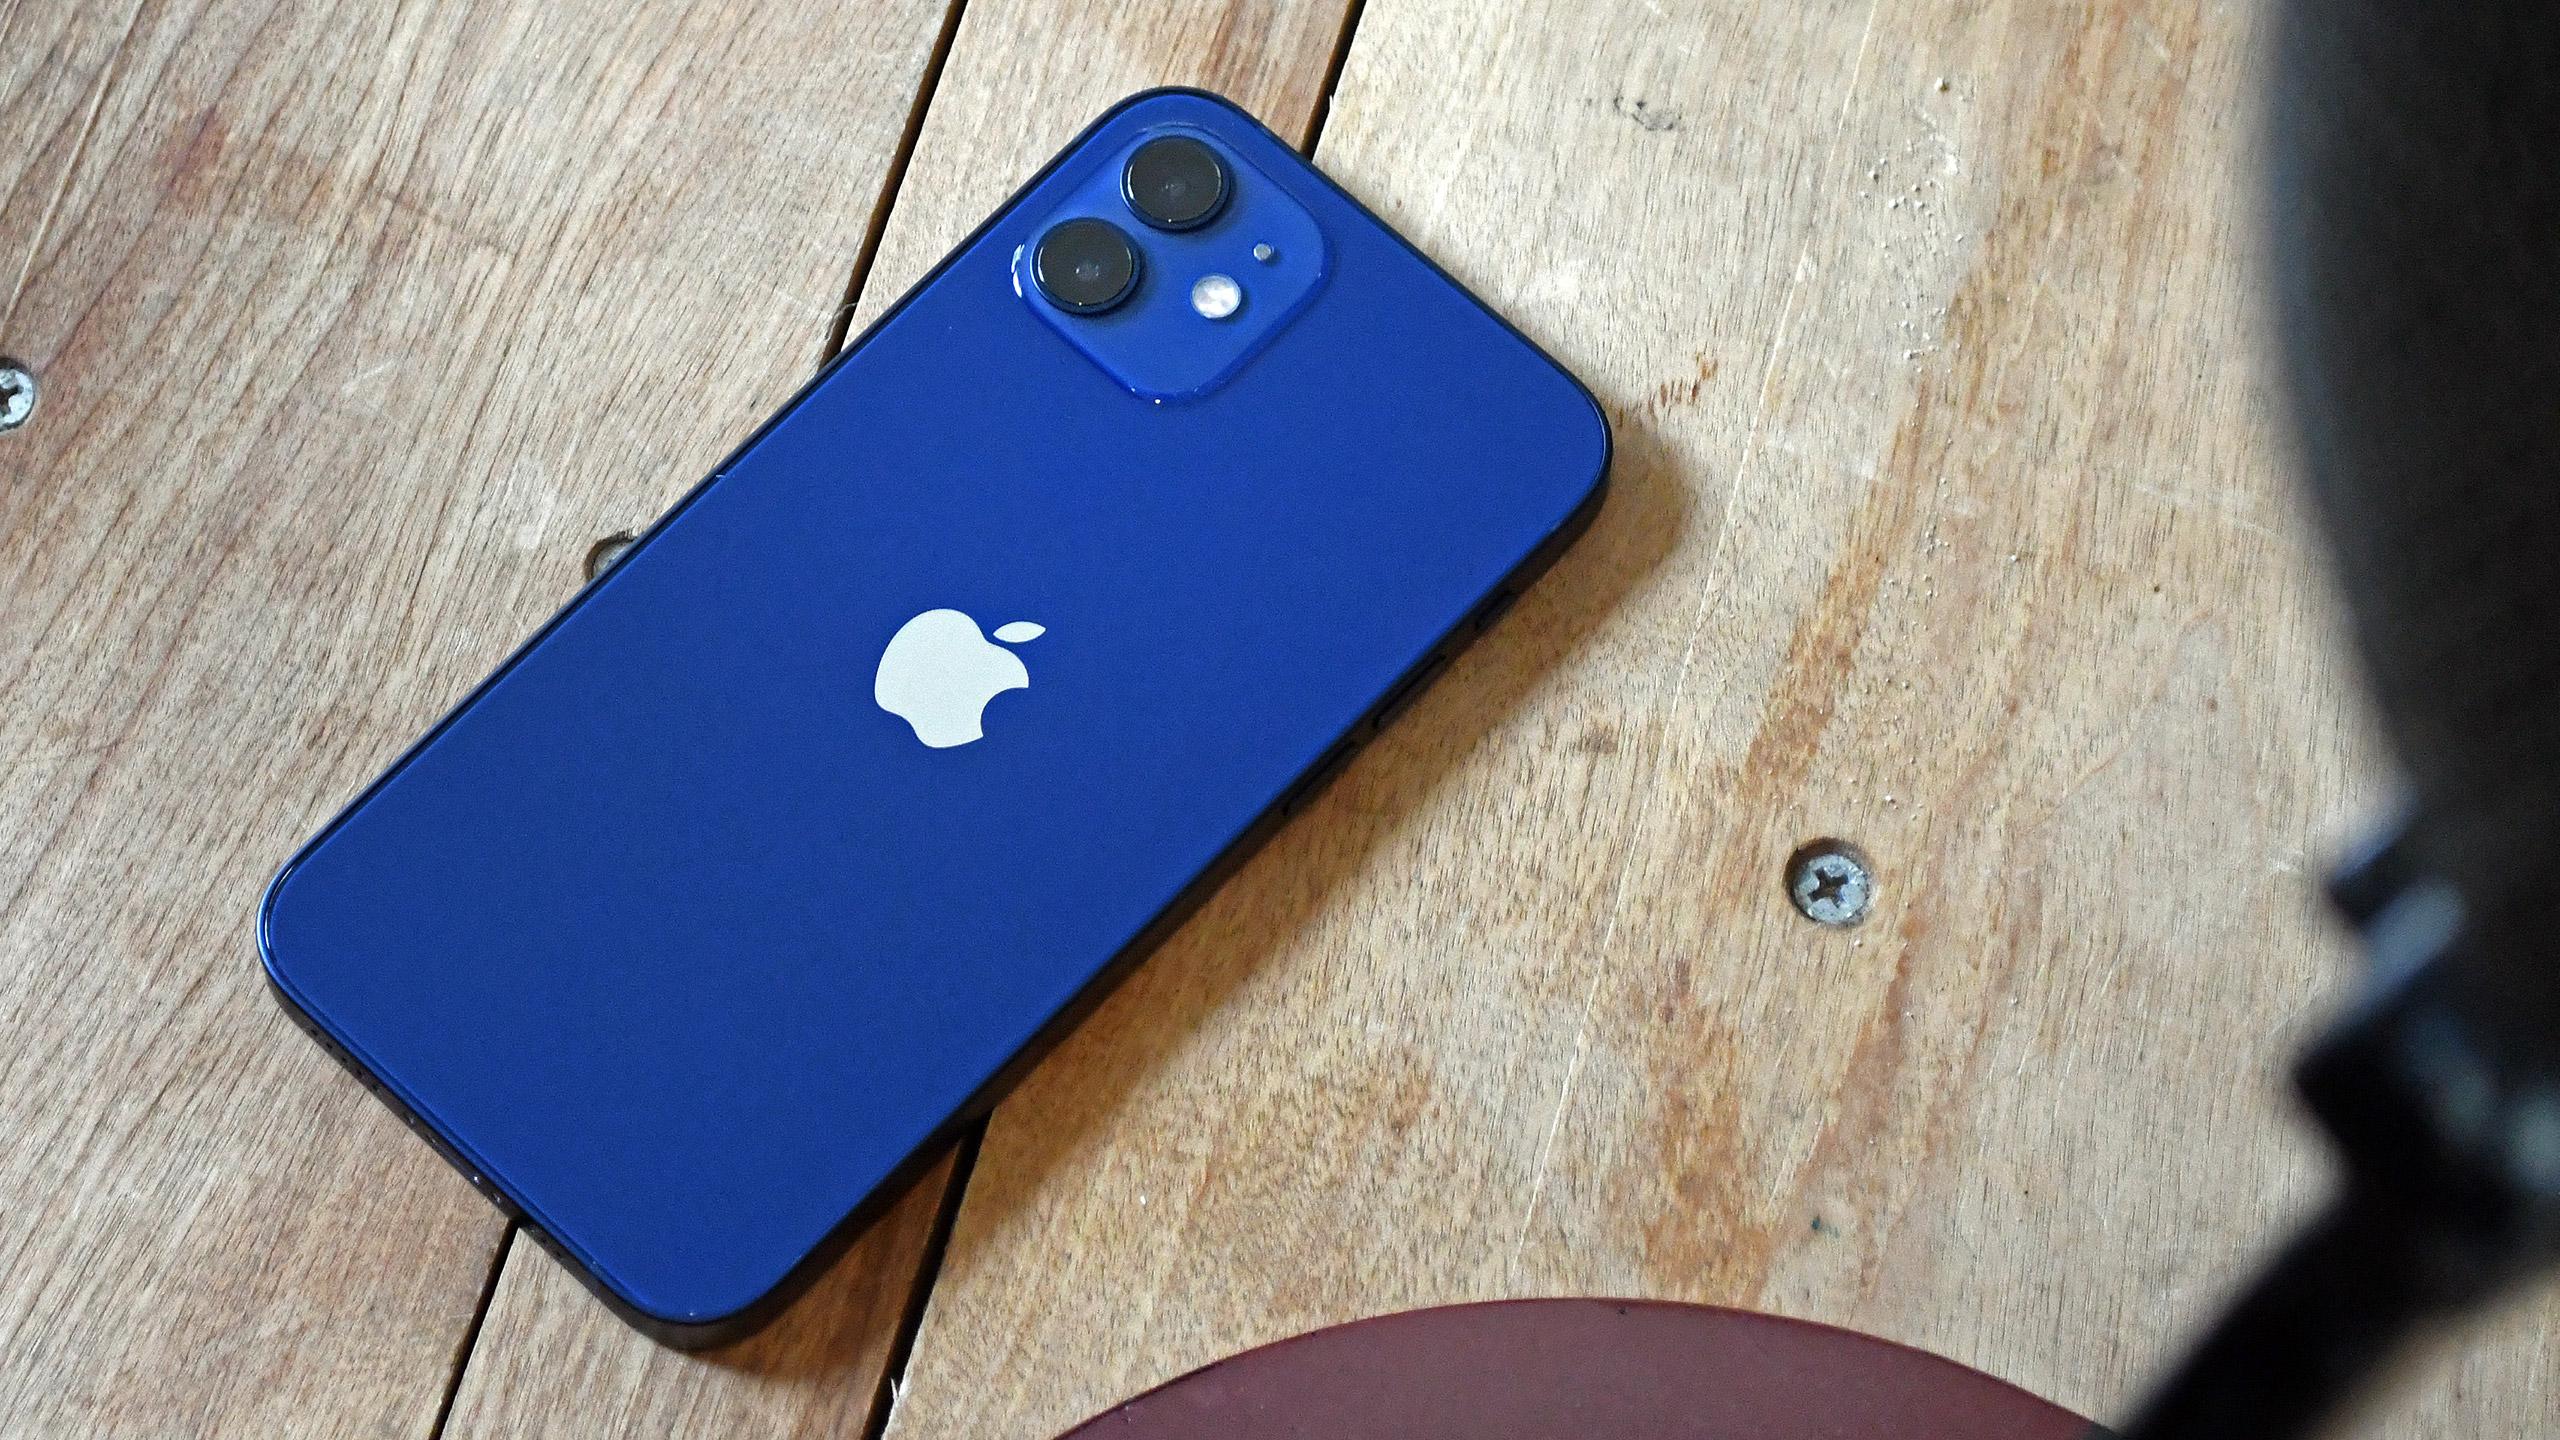 Best unlocked iphones: iPhone 12